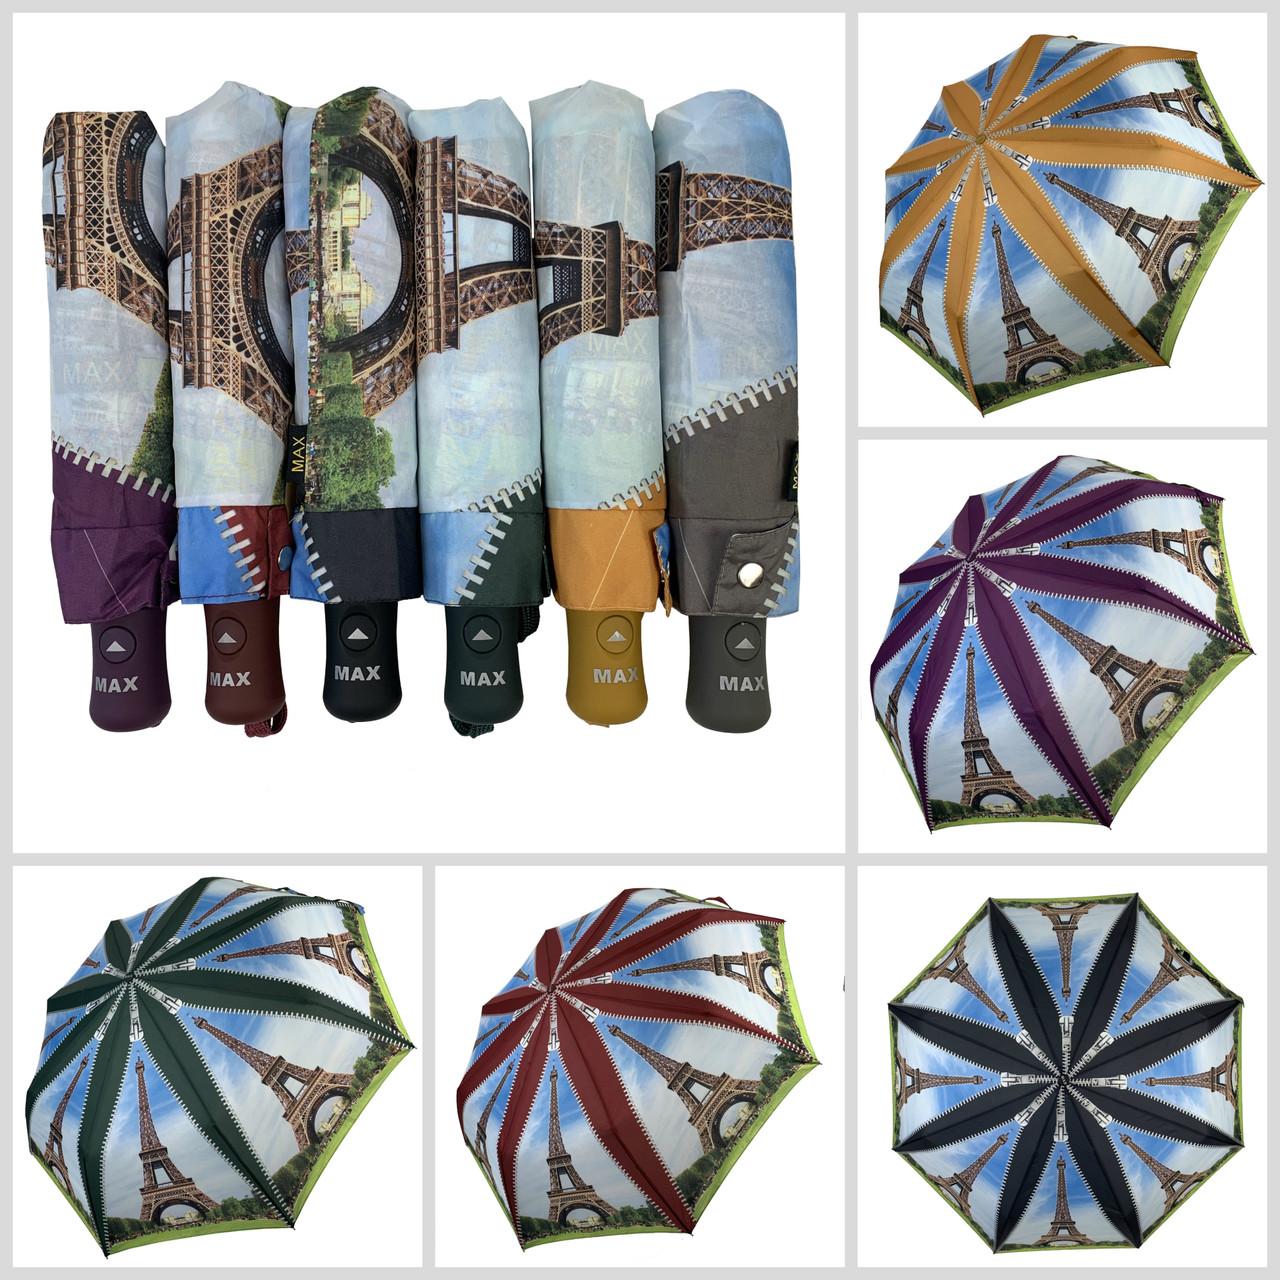 Женский складной зонт-полуавтомат с облегченным каркасом и Эйфелевой башней от Max, 314